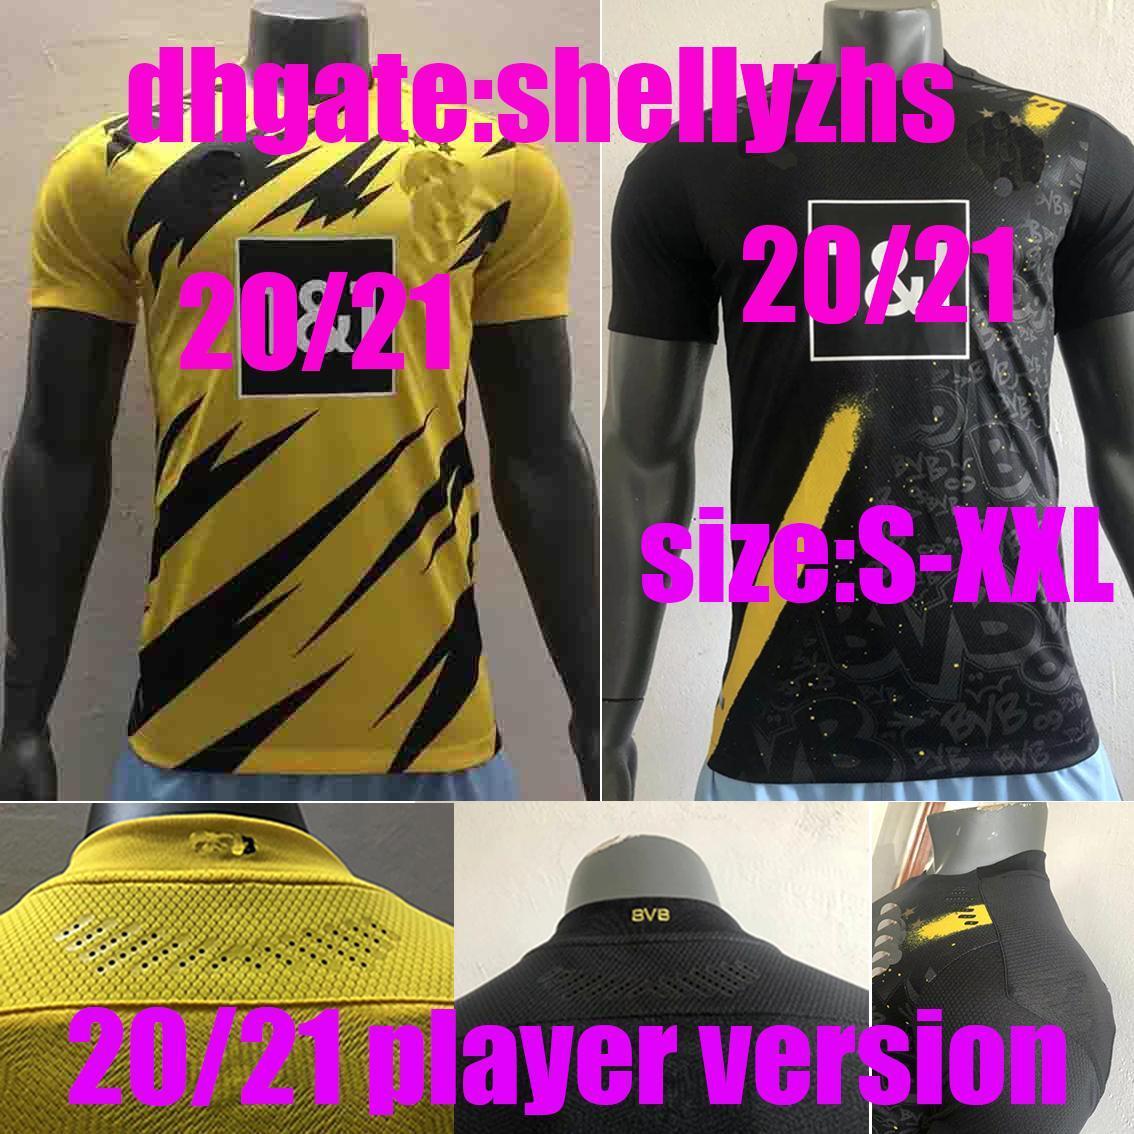 Игрок версии 2020 2021 Джерси Джерси Дордина # 9 Haaland Home Yellow Away Black Men Brandhts # 7 Sancho # 11 Reus желтая футбольная форма